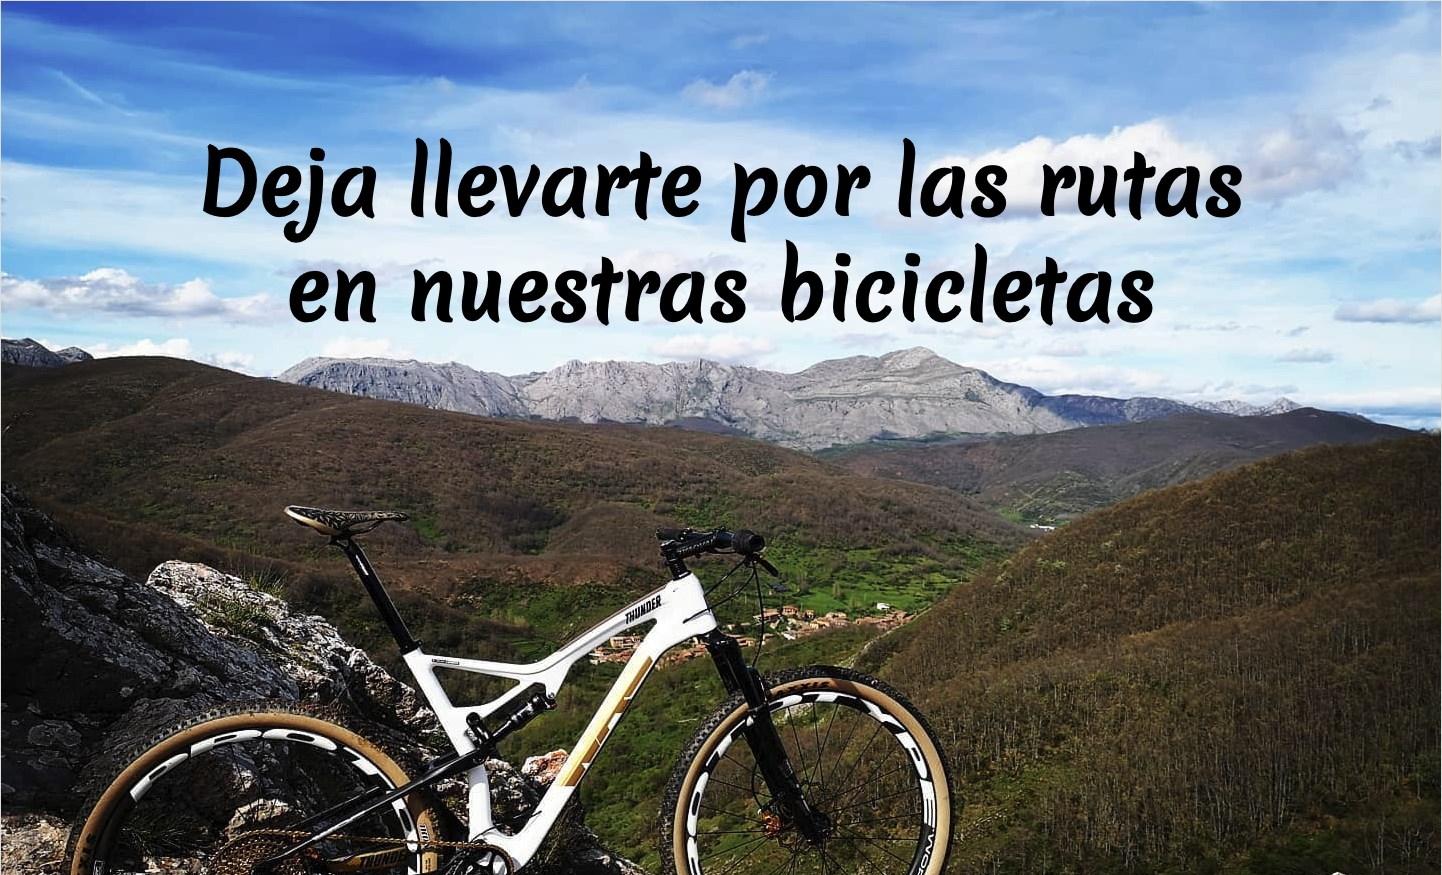 Bicicleta en paisaje